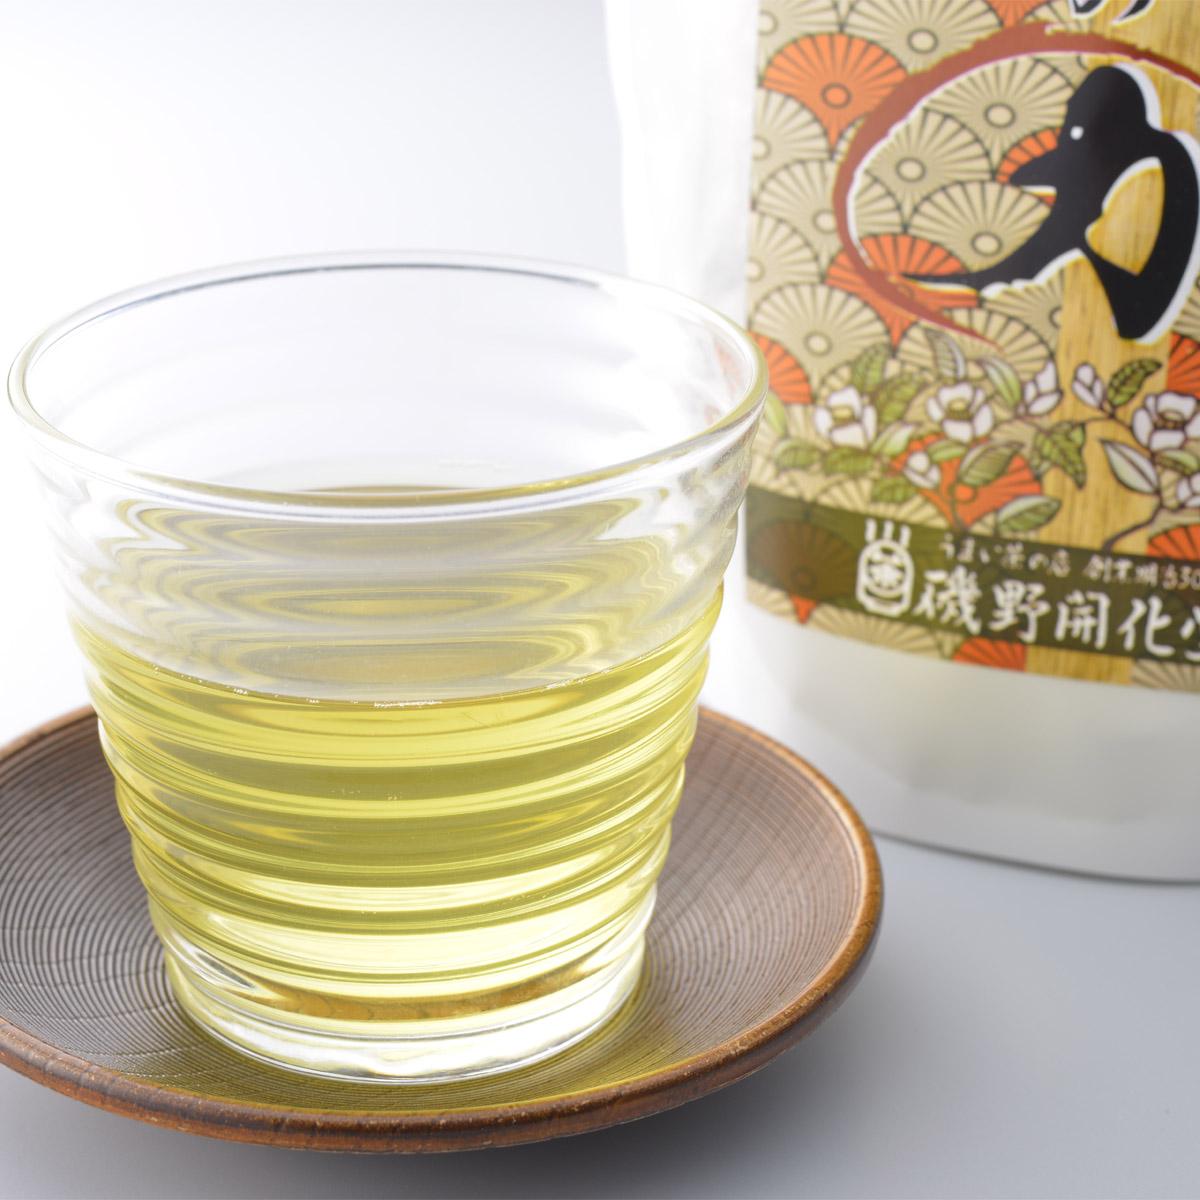 【ふるさと納税】カラダ喜ぶ!水出し緑茶「番茶の力セット」